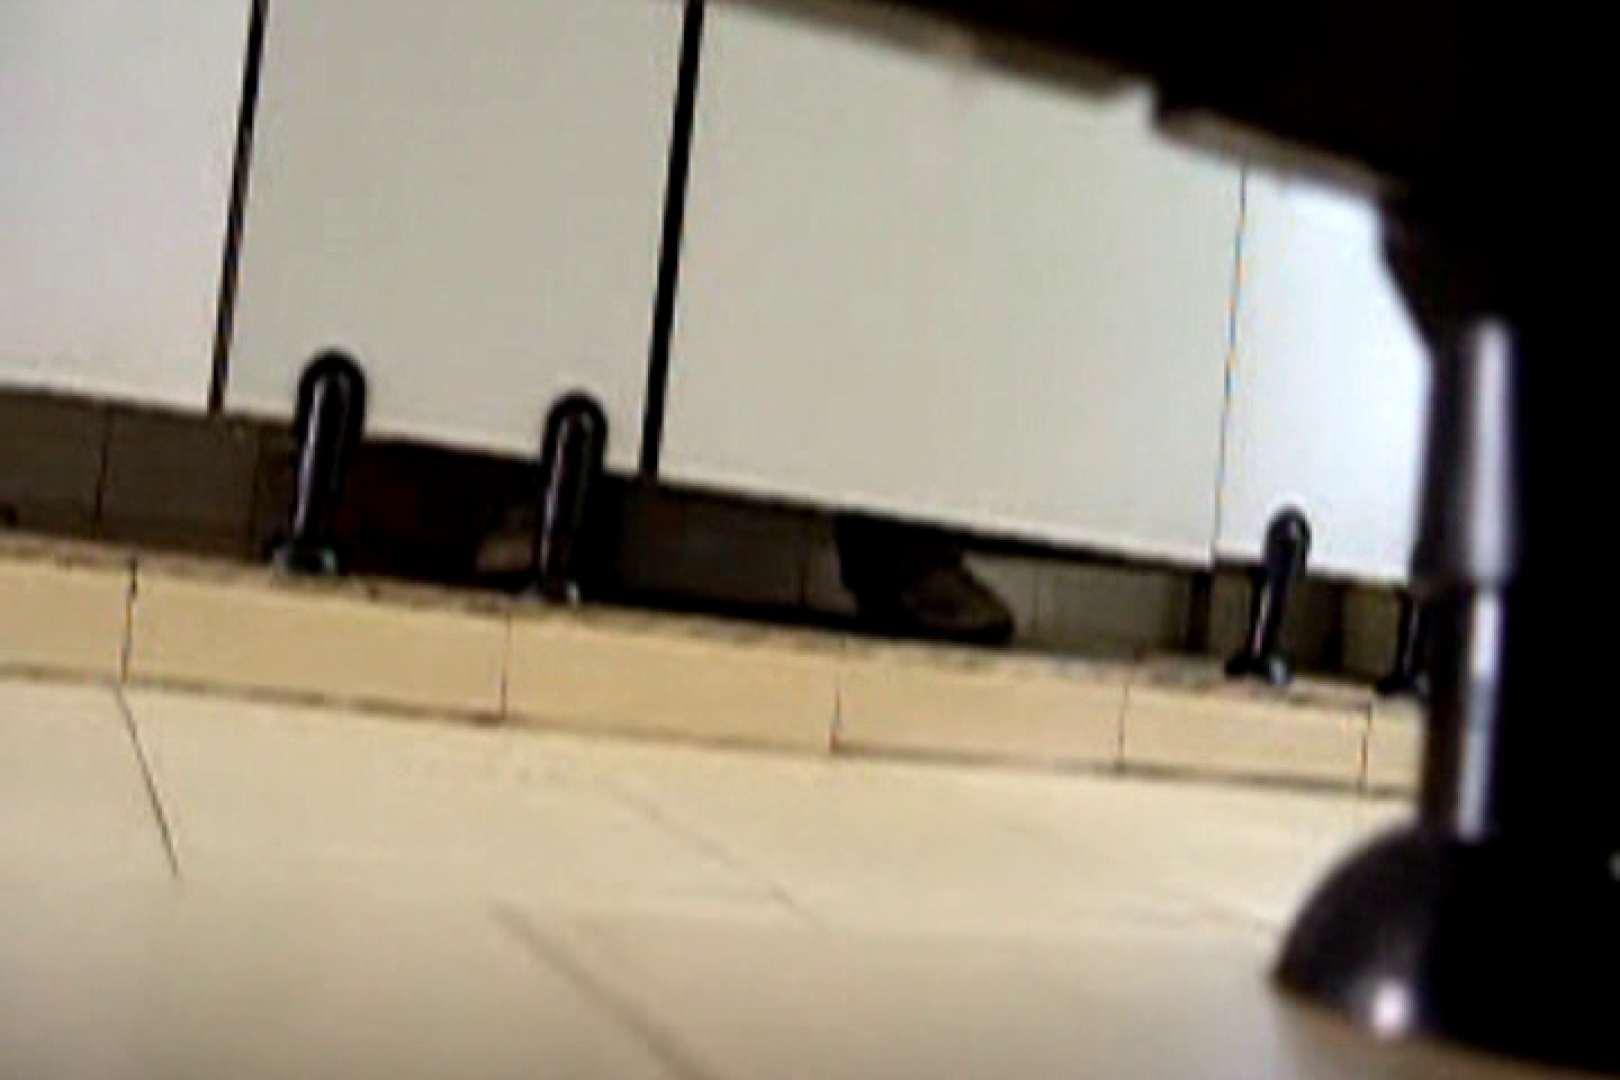 ぼっとん洗面所スペシャルVol.5 洗面所 盗み撮りAV無料動画キャプチャ 88PICs 59